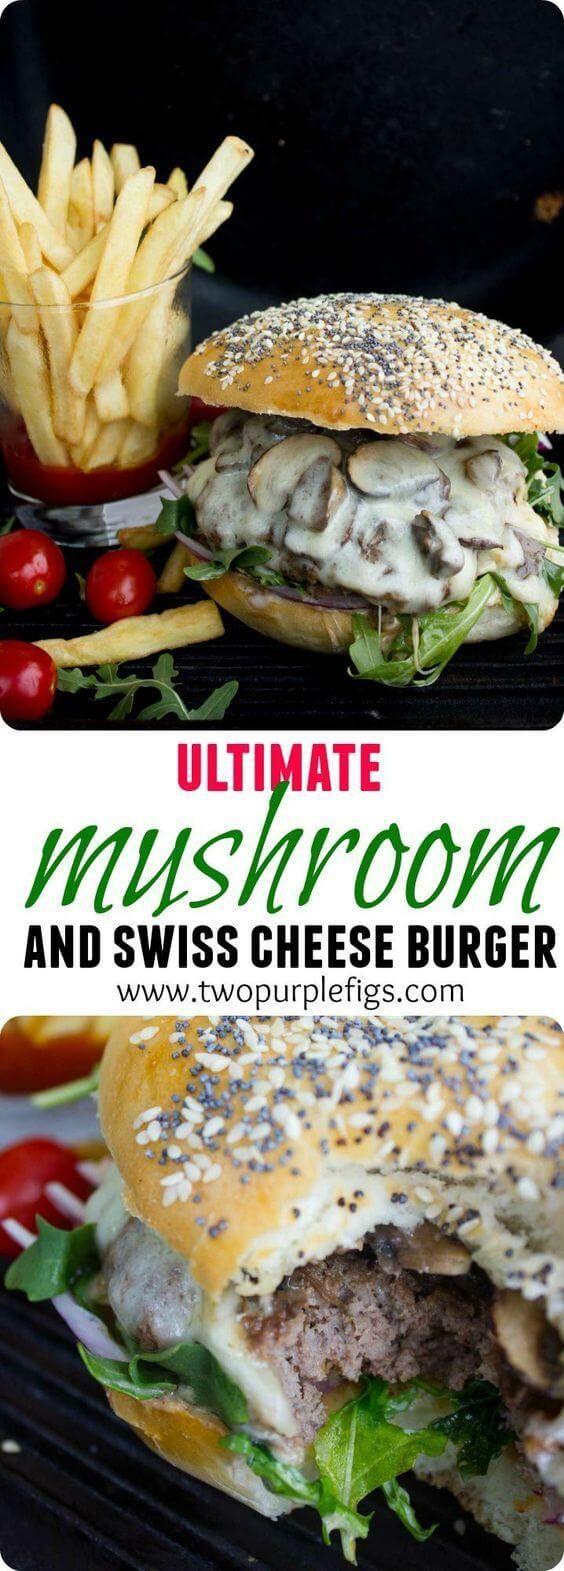 Mushroom Swiss Cheese Burgers